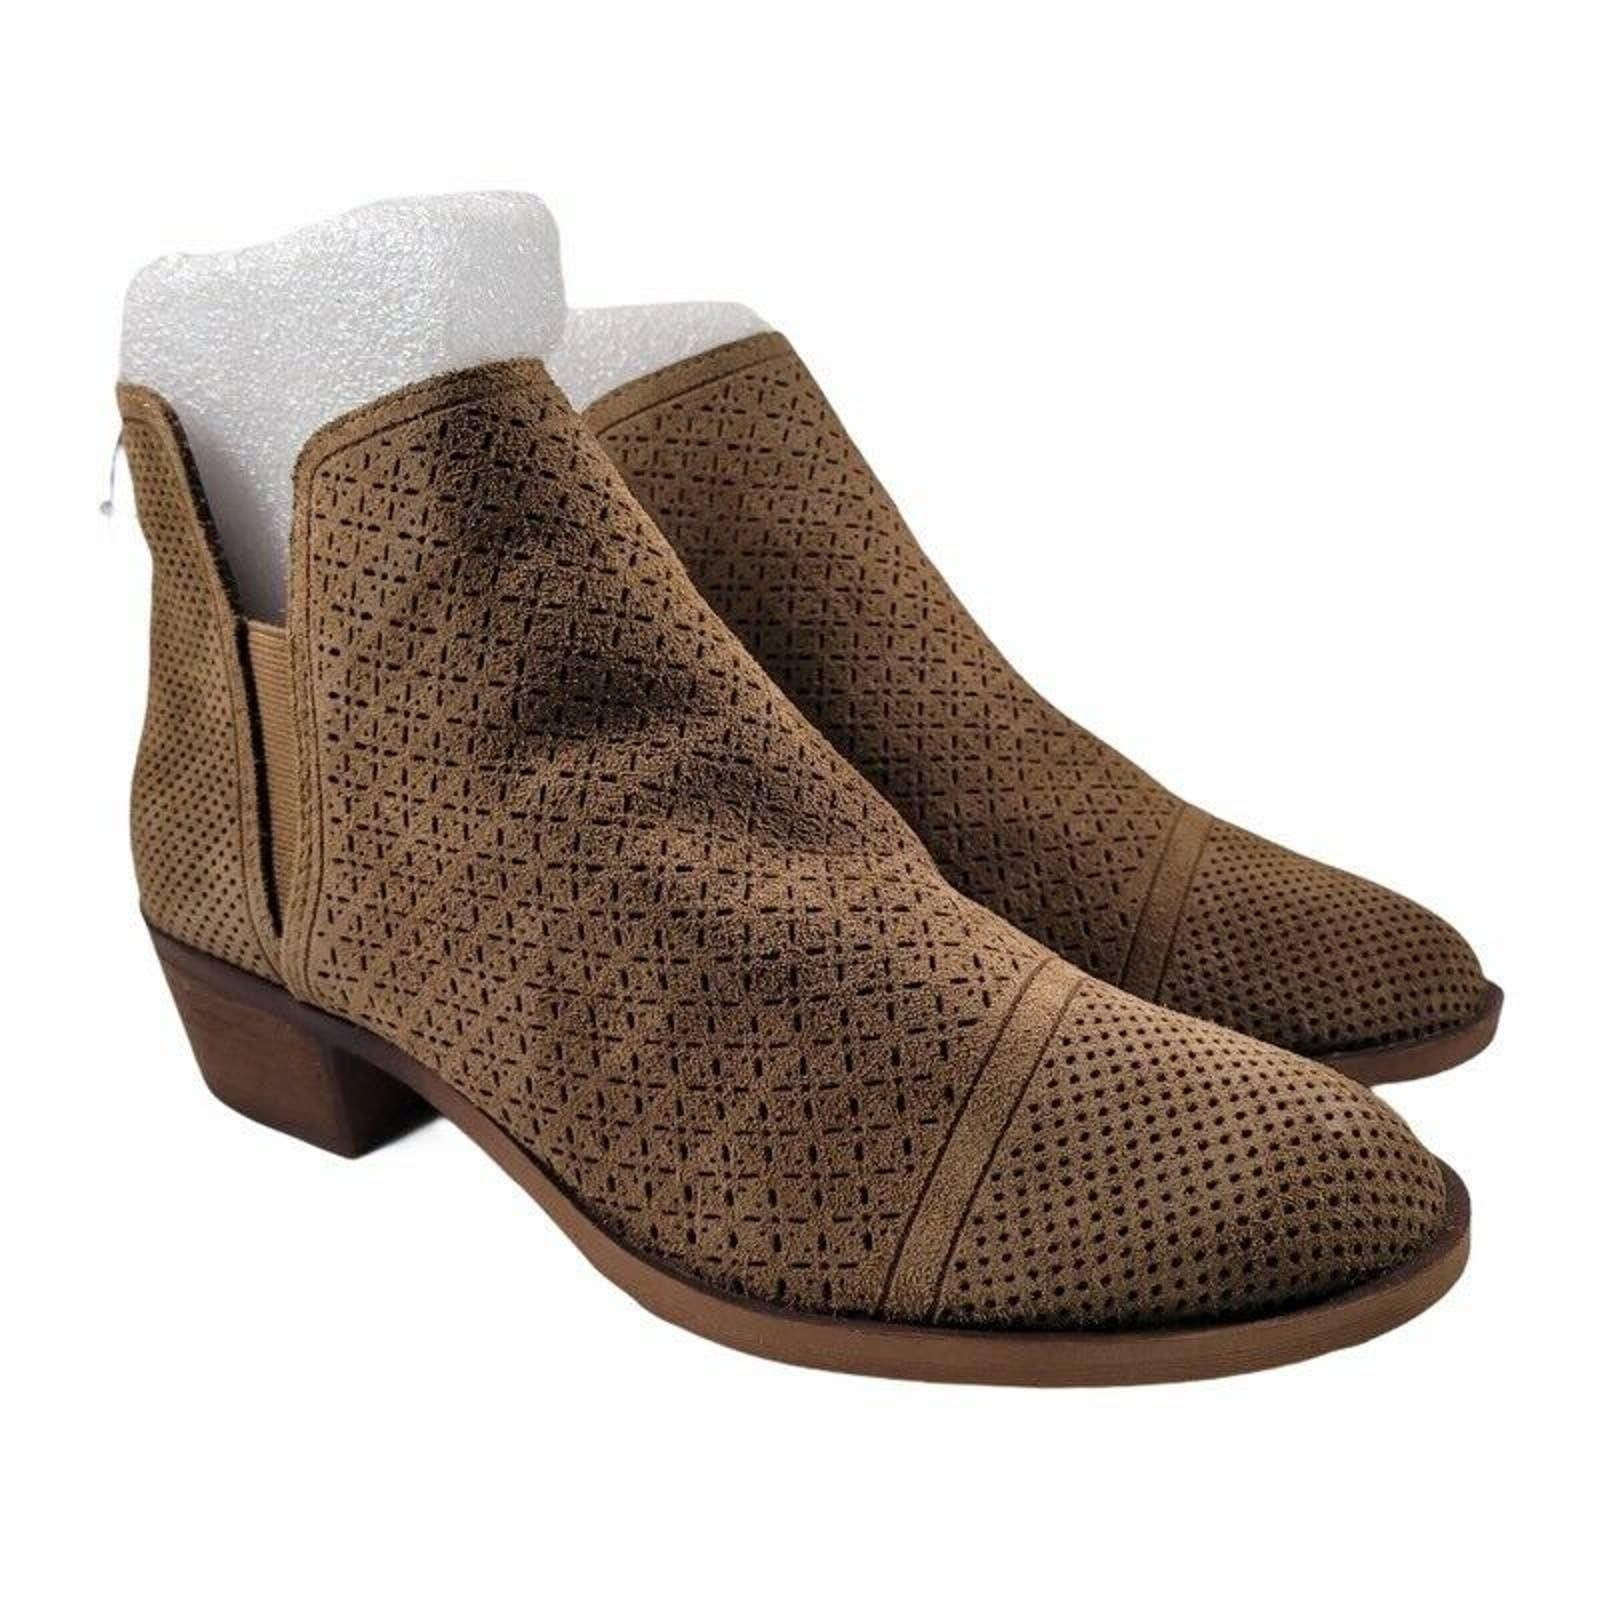 Kensie Womens Glynda Ankle Boots Suede